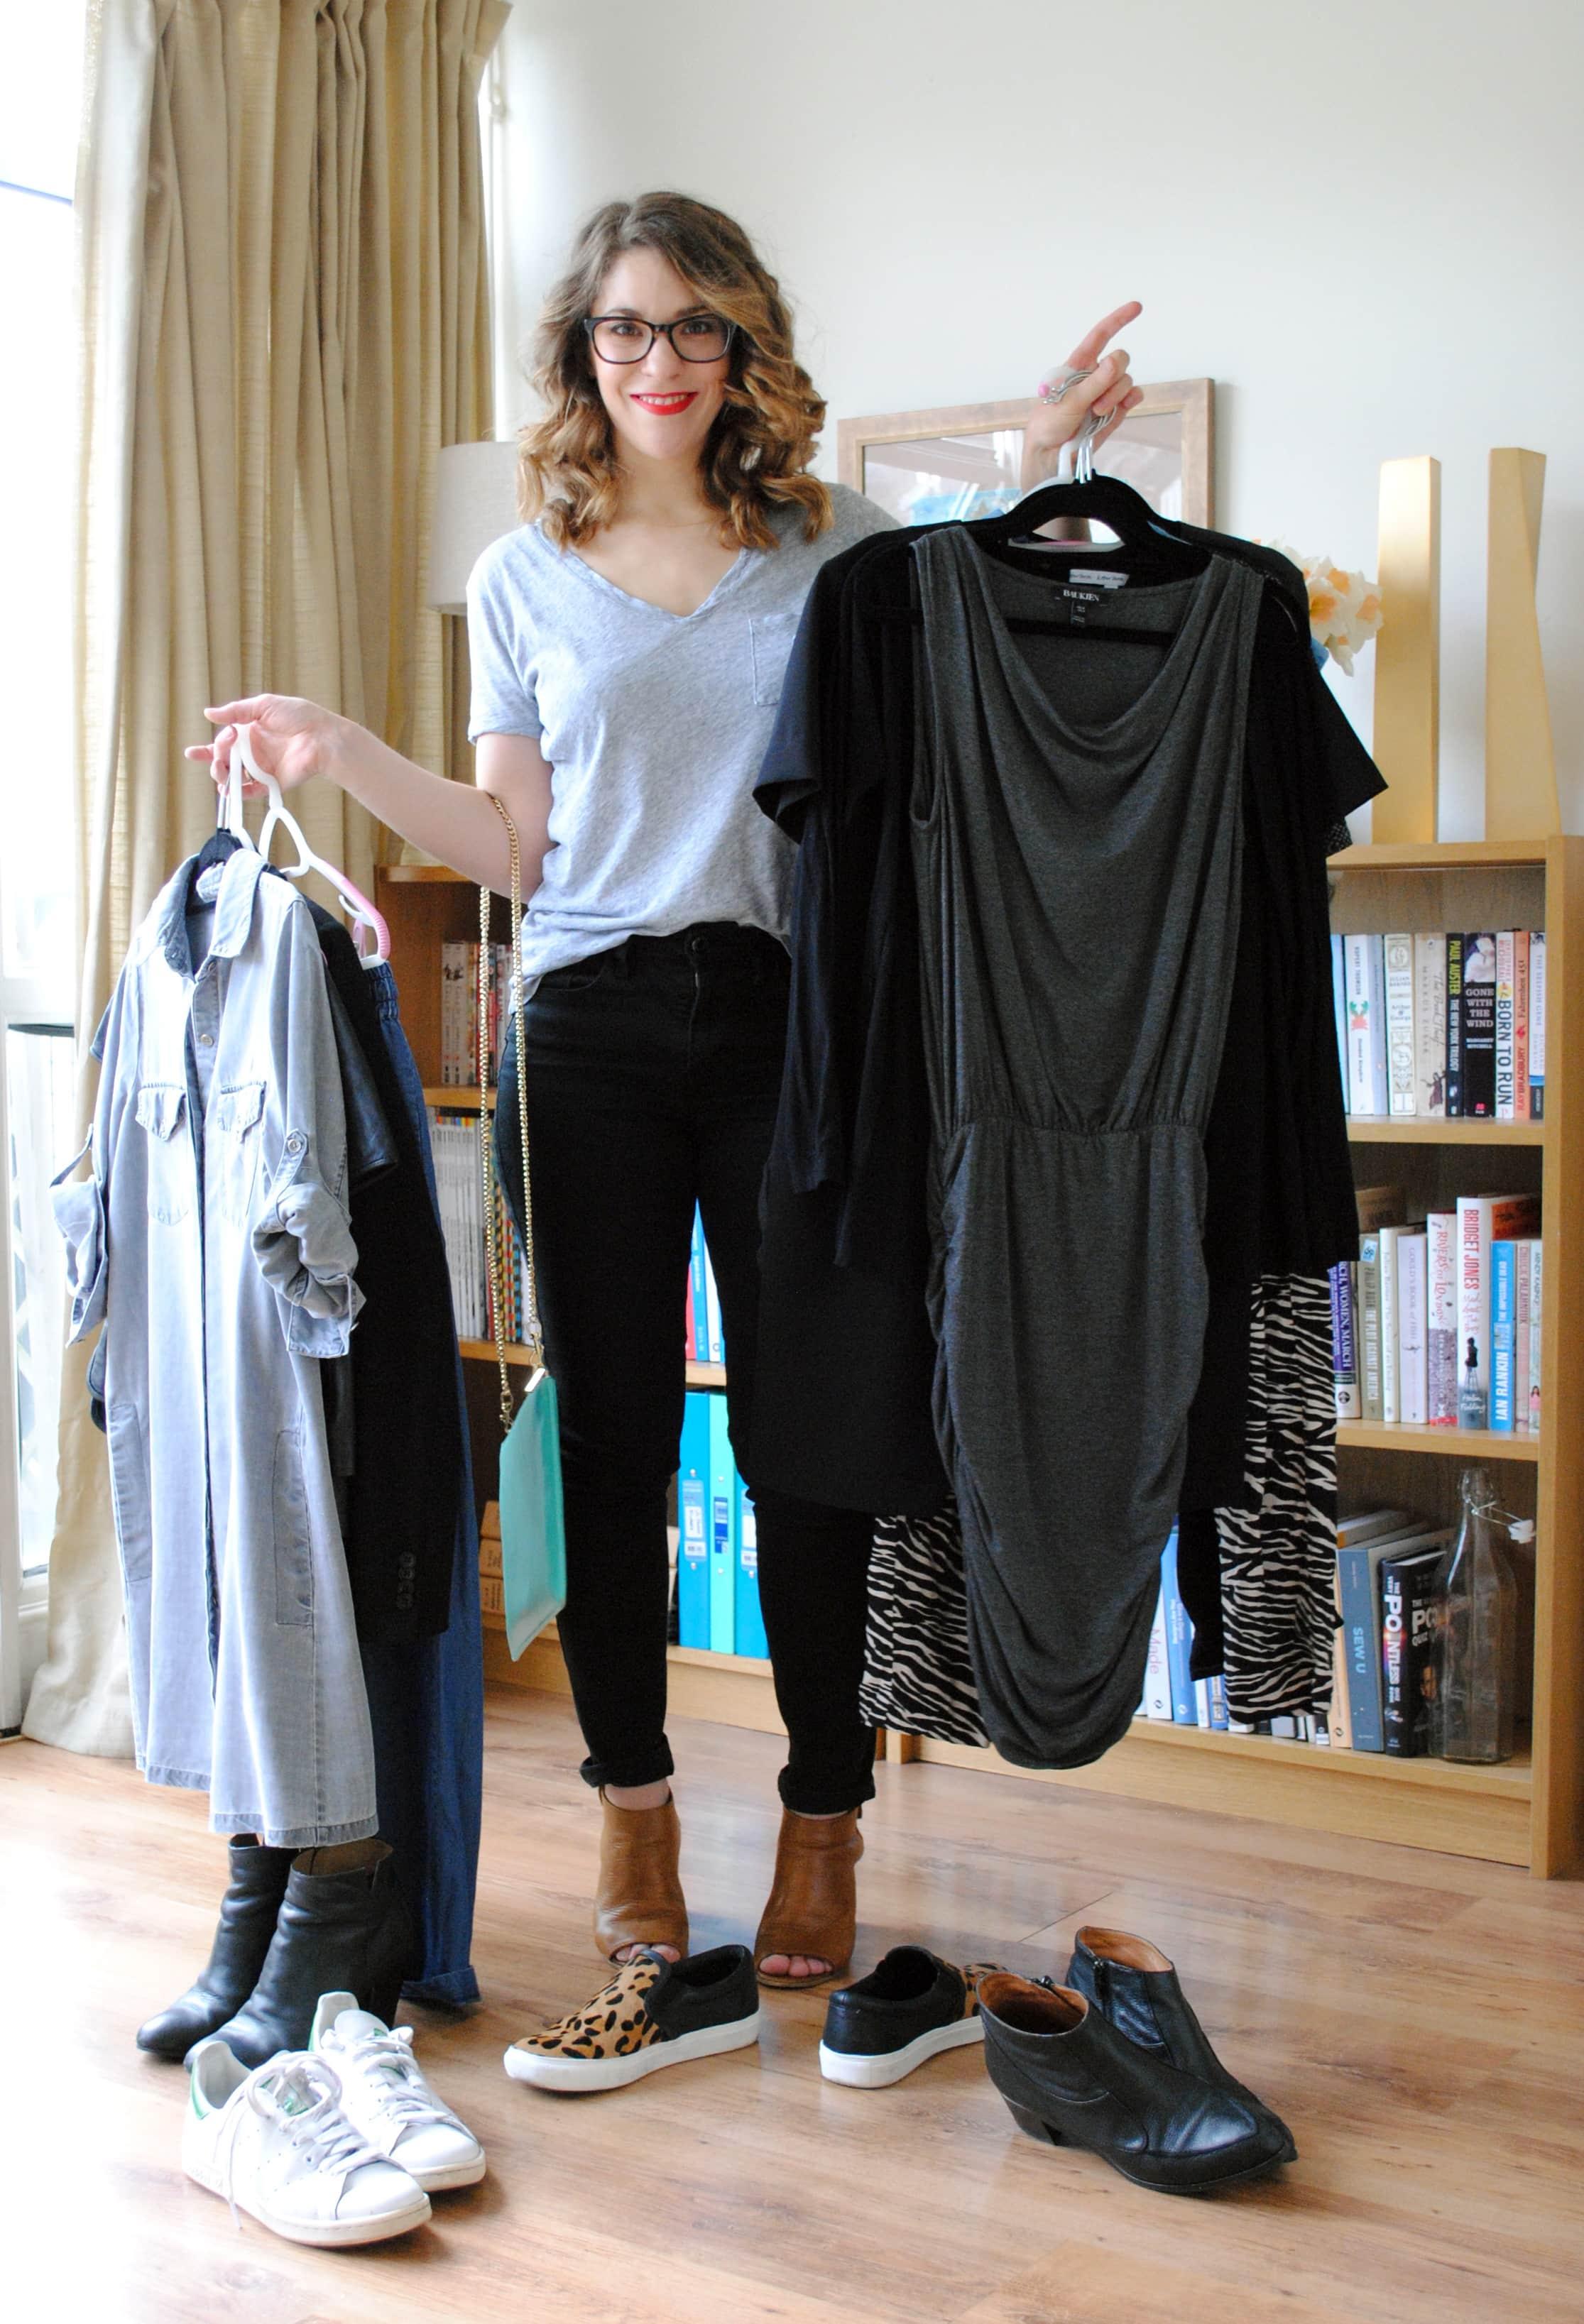 85842832b4888 Capsule Wardrobe Update  Eleanor s Spring Capsule